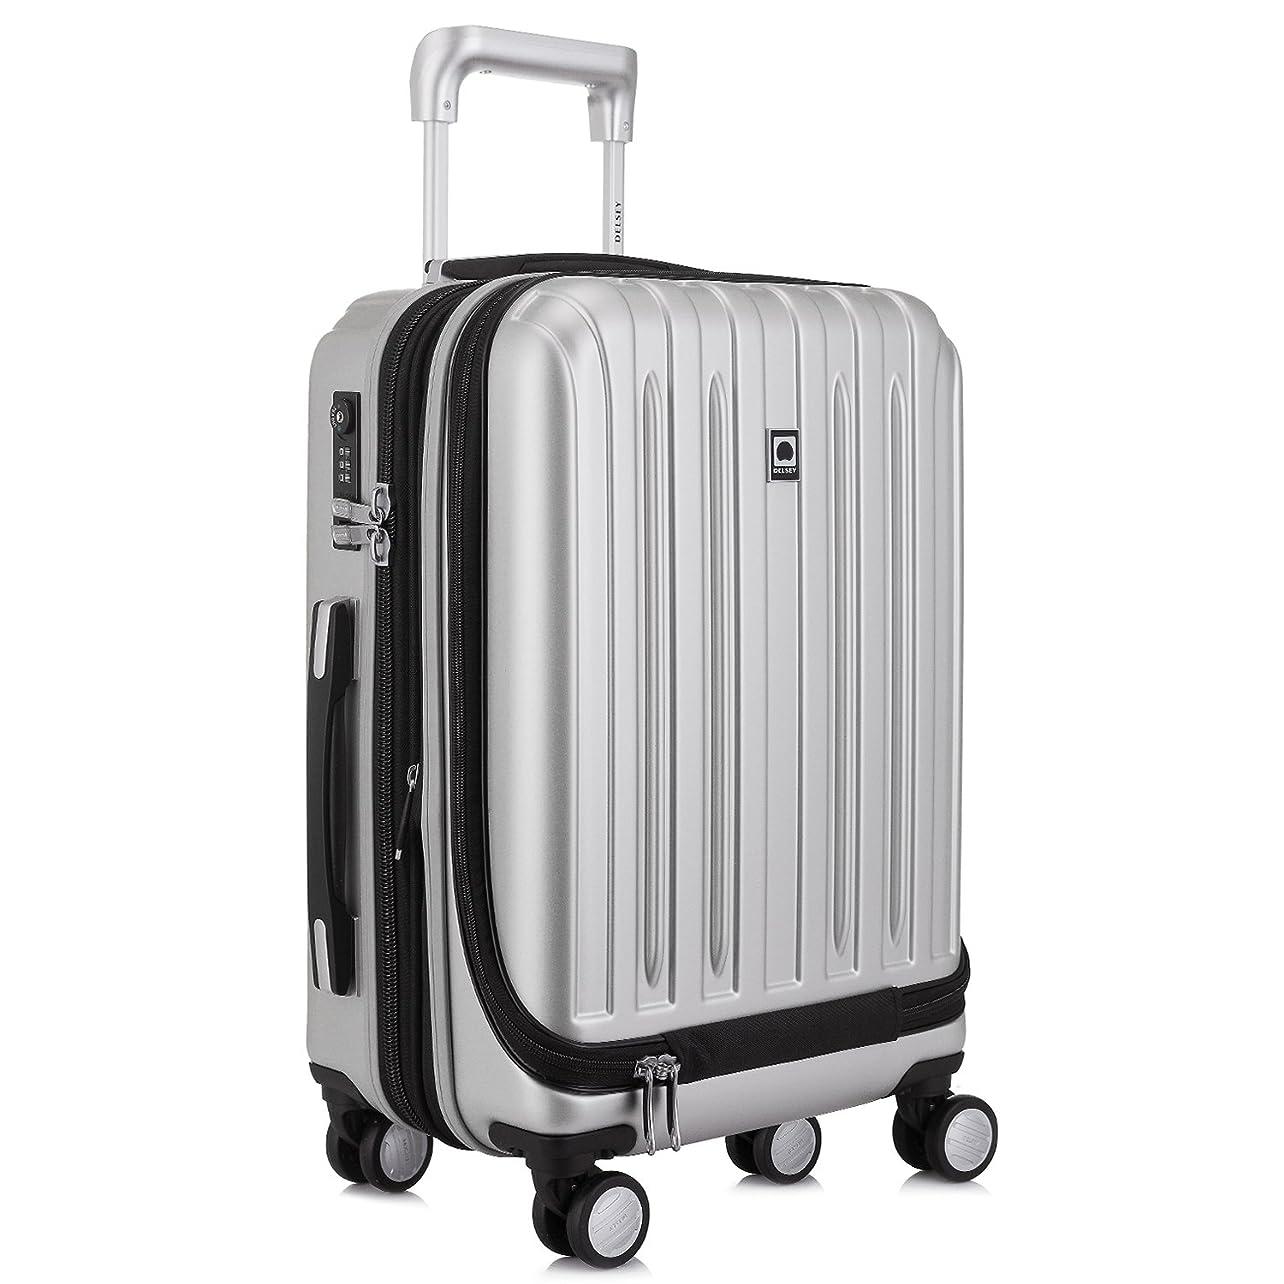 撤退走る保護する[デルセー] Delsey VAVIN スーツケース 機内持込 マット加工 拡張可 100%PC 超軽量 5年国際保証付